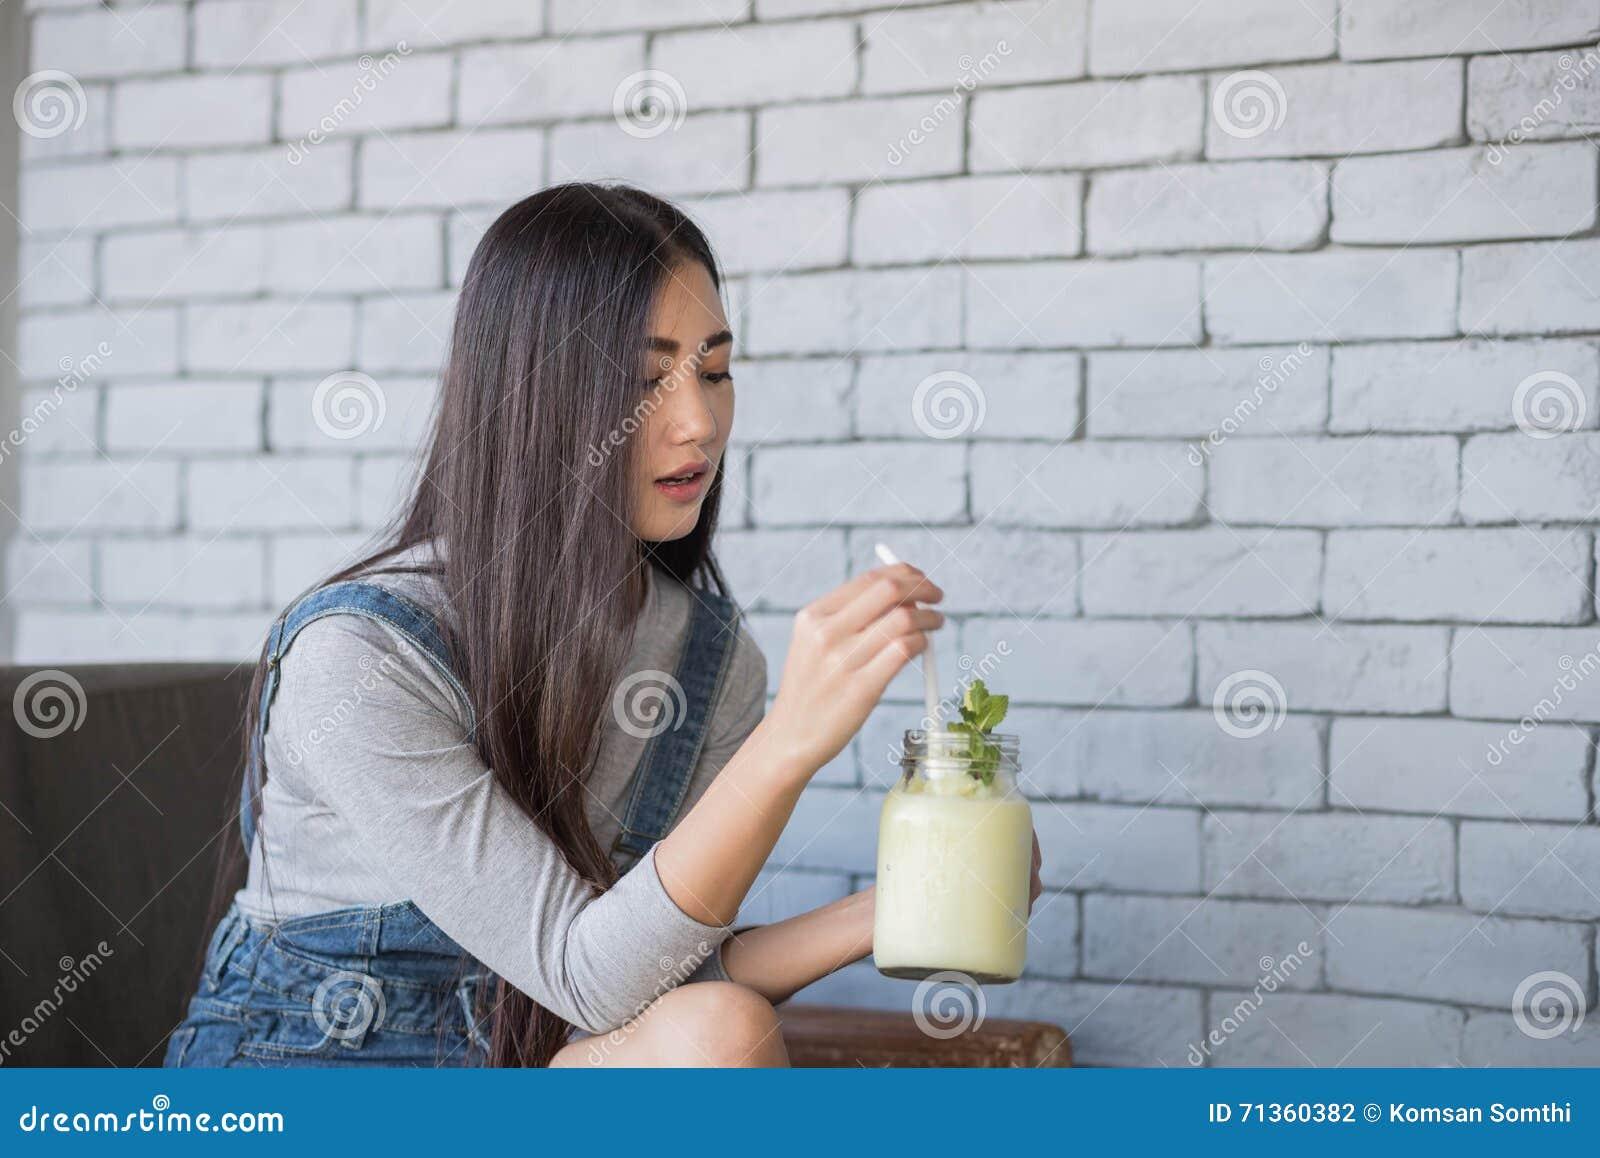 Ritratto di una giovane donna che beve un cocktail